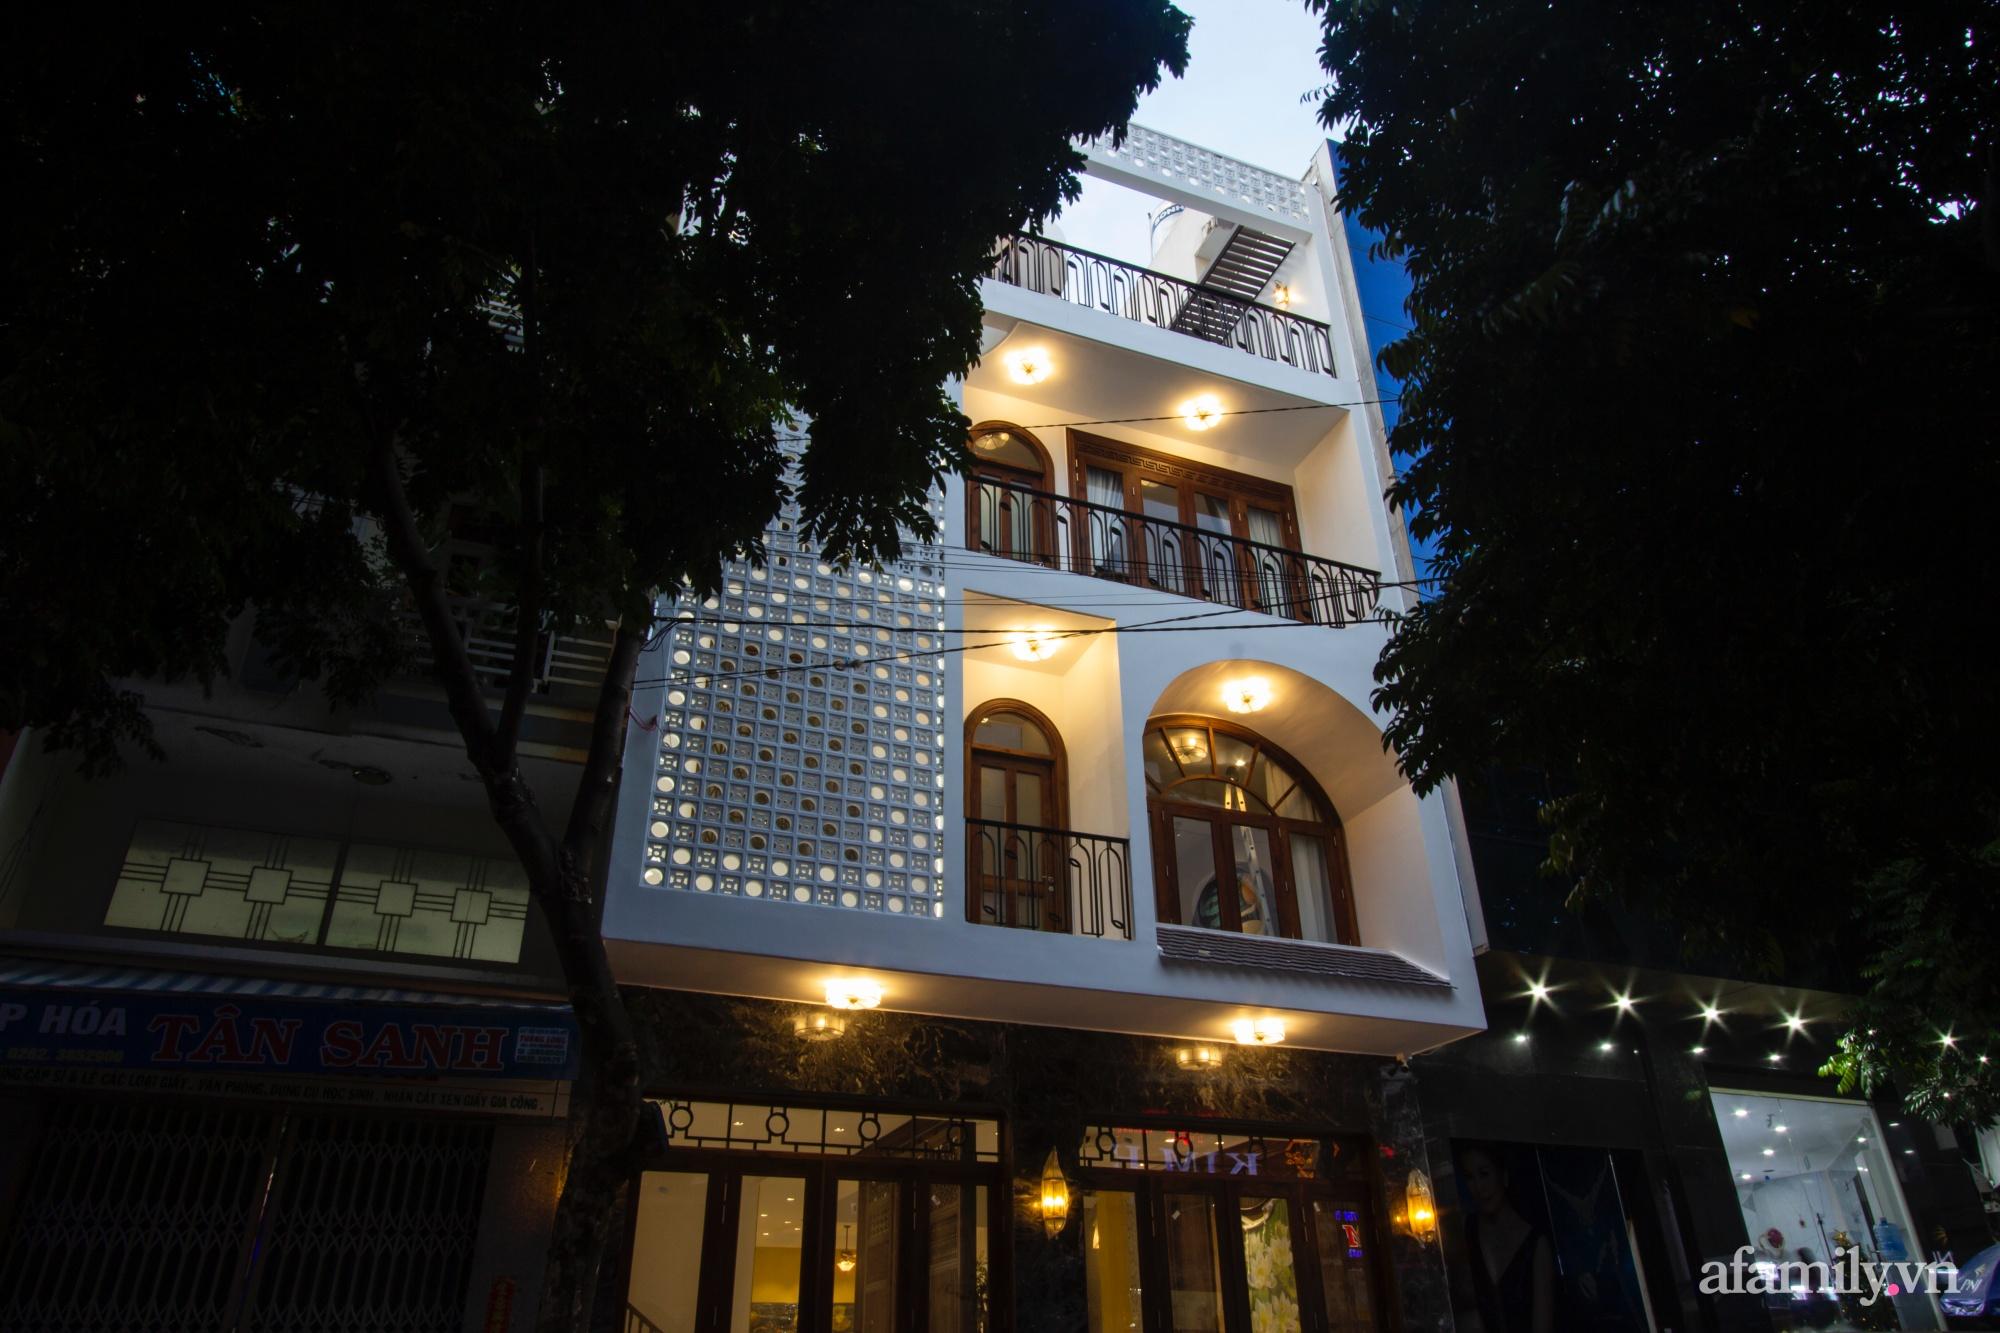 Nhà phố 8x16m đẹp bình yên, tĩnh tại mang hơi hướng của Đạo Phật và phong cách Á Đông ở Buôn Ma Thuột - Ảnh 2.